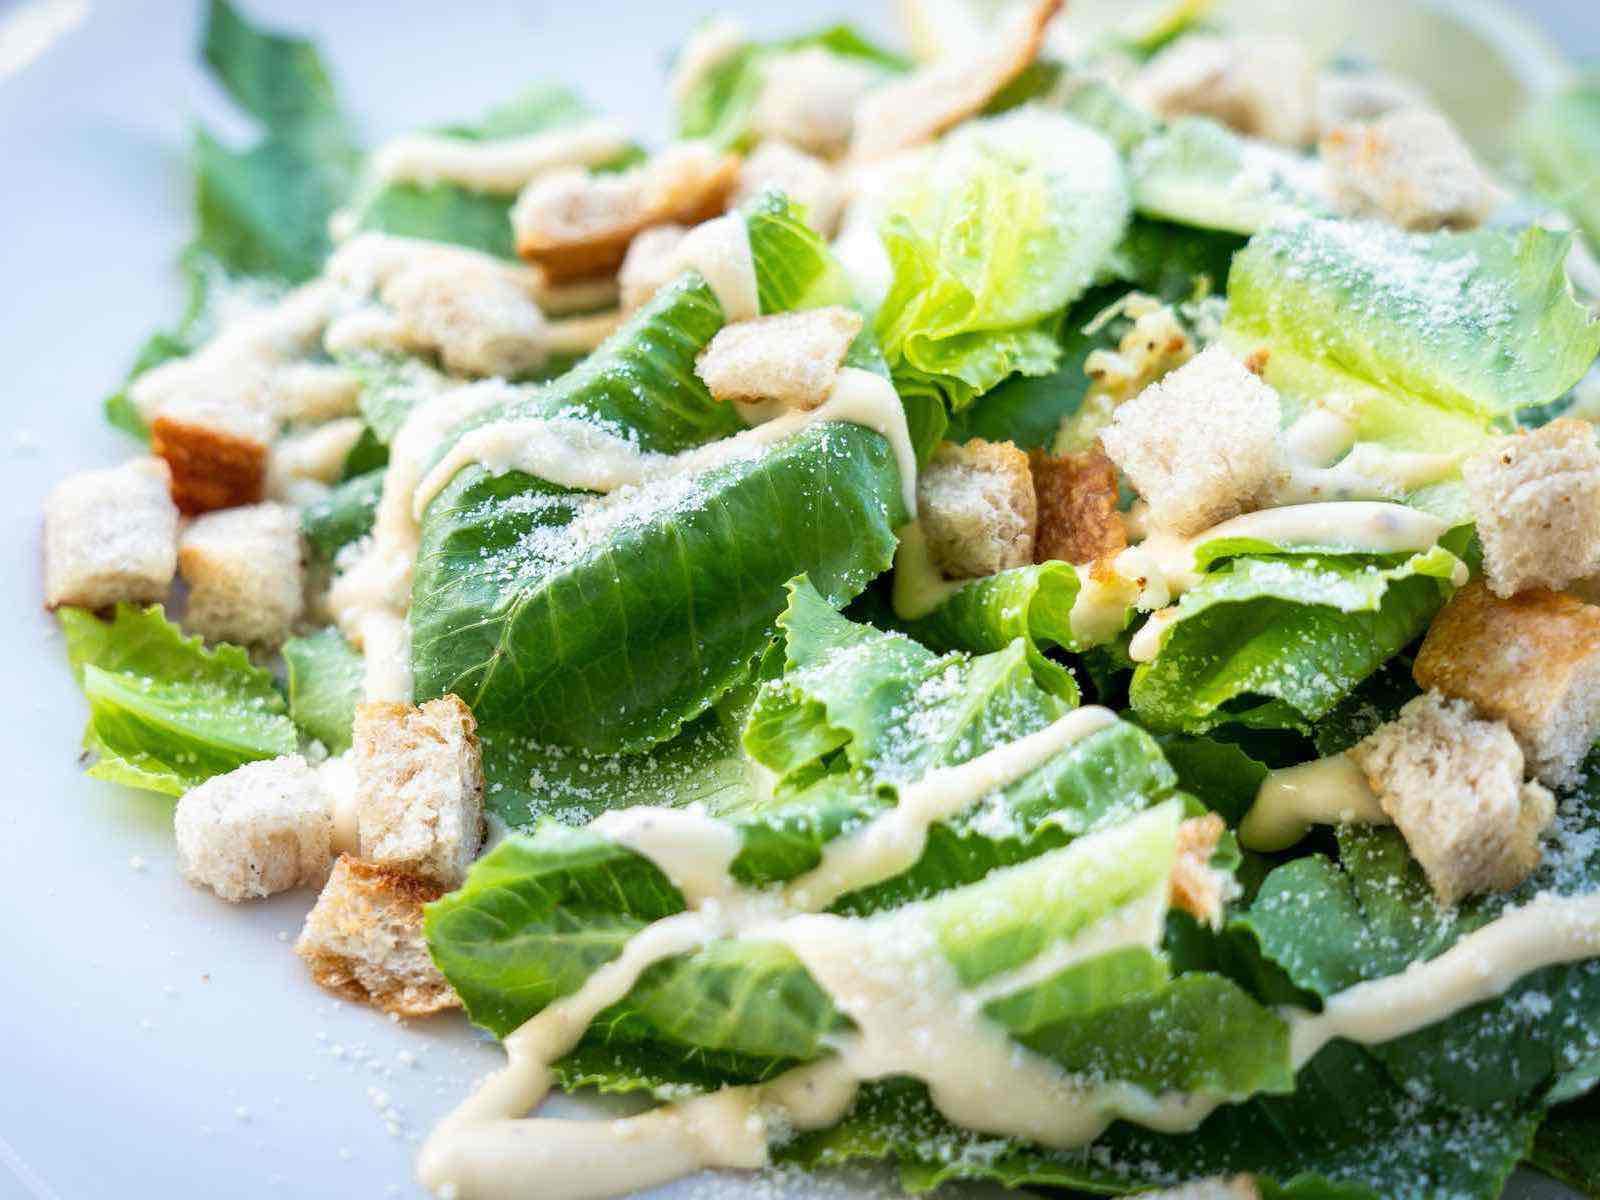 Caesar salad with healthy yoghurt dressing